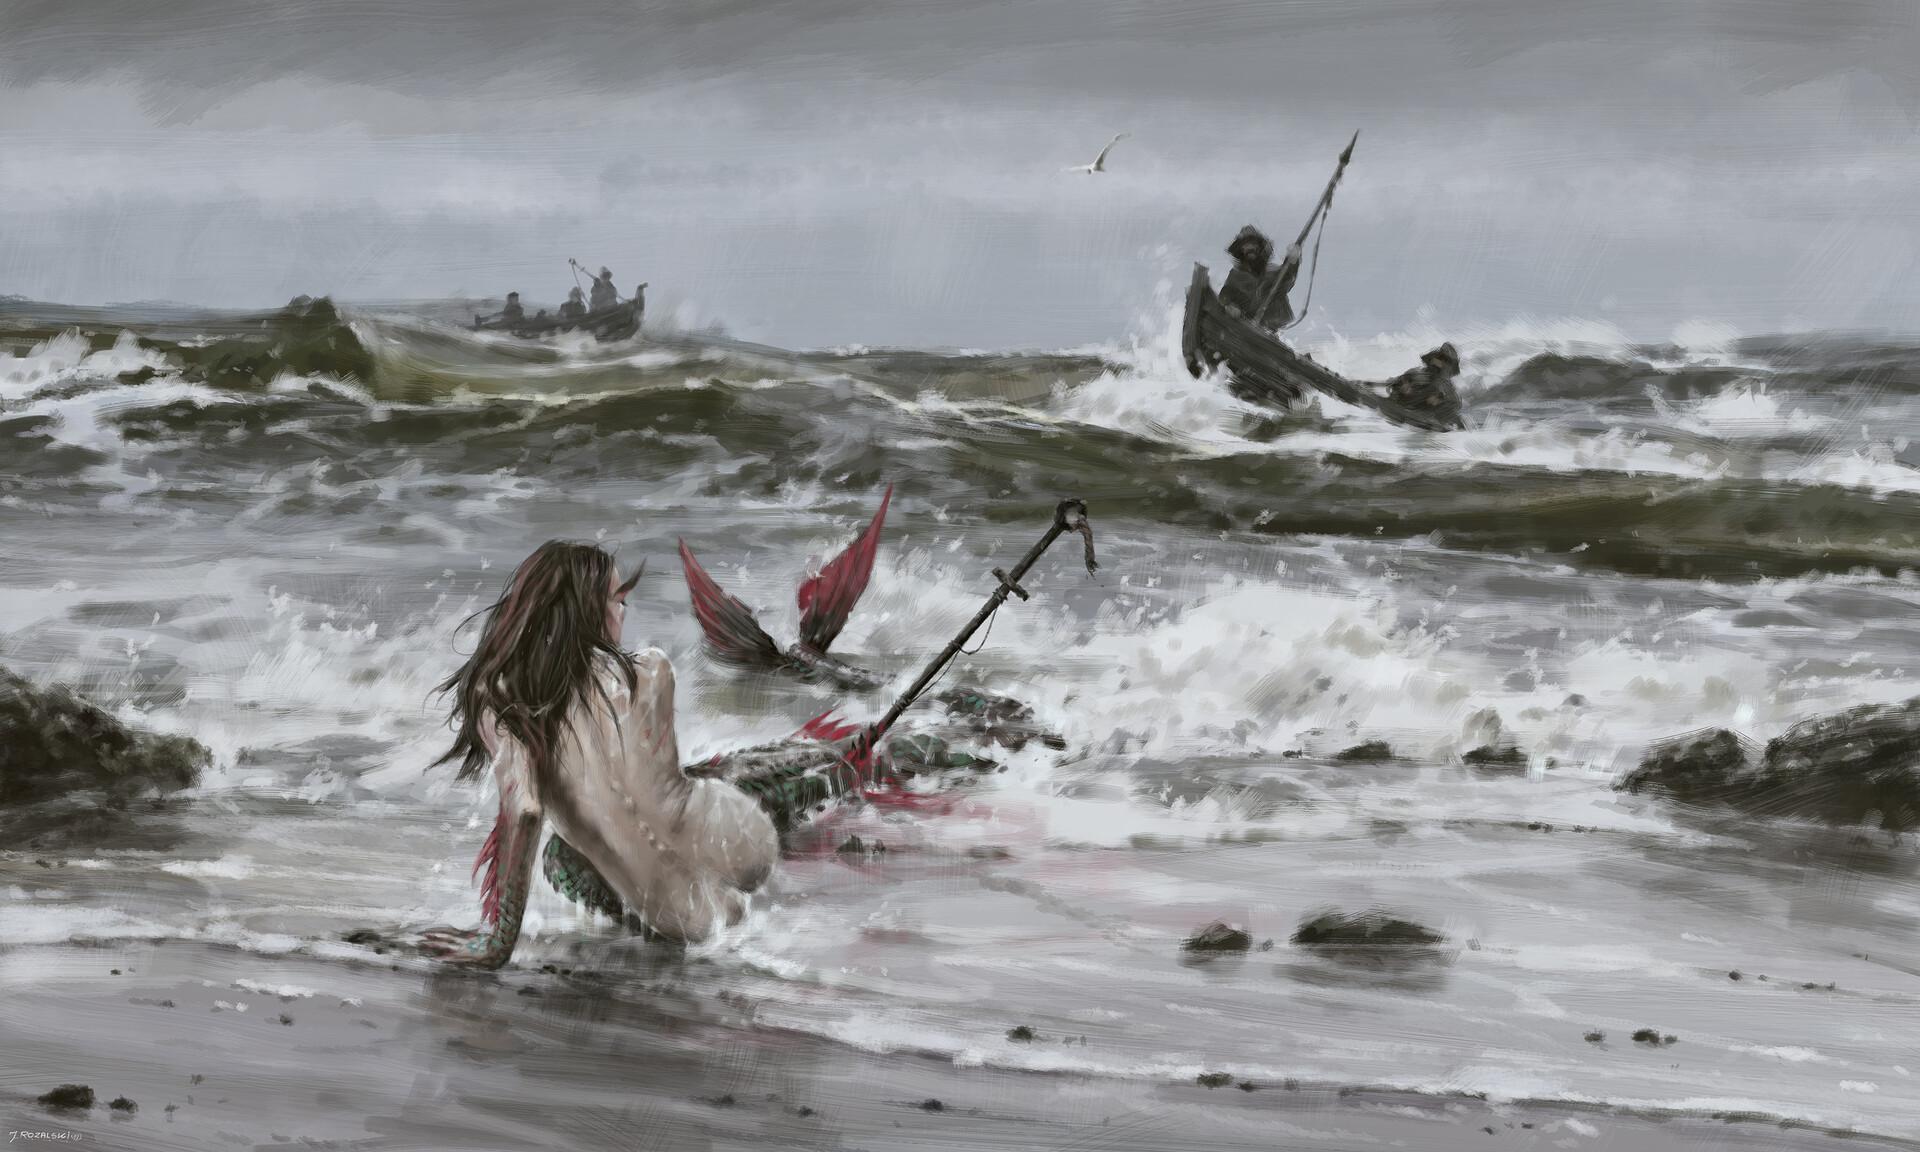 Jakub Rozalski - Mermaid Of Northern Seas